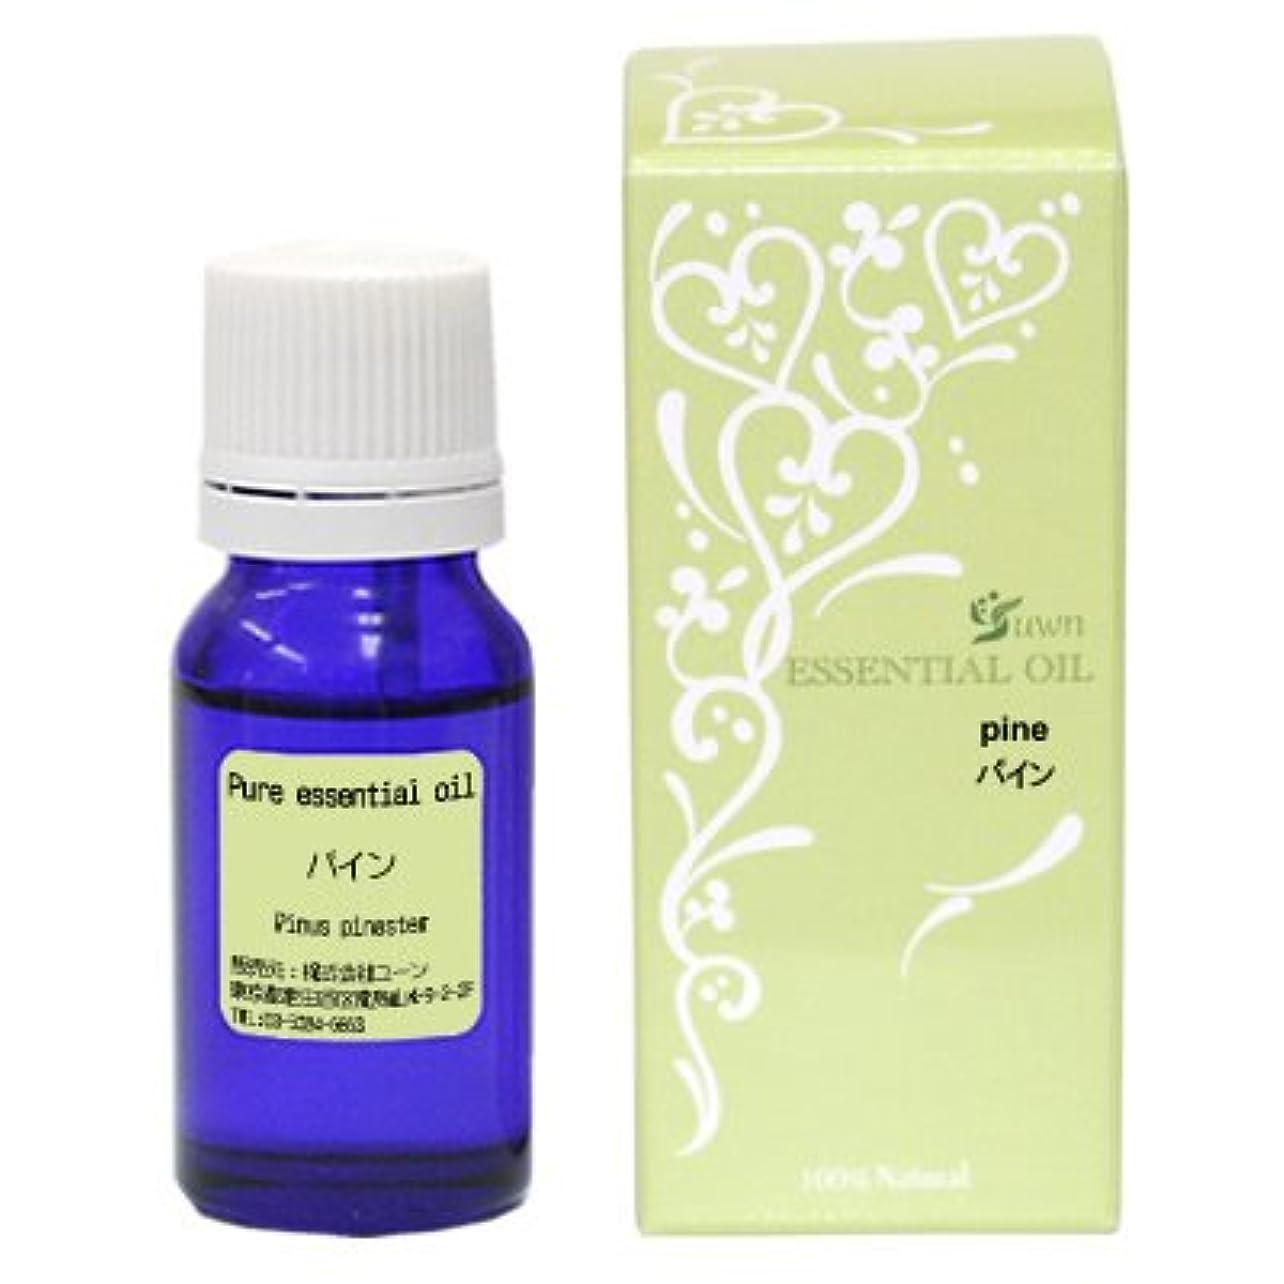 ファーザーファージュヨーグルト洗剤パインオイル 10ml ywoil:エッセンシャルオイル(精油)